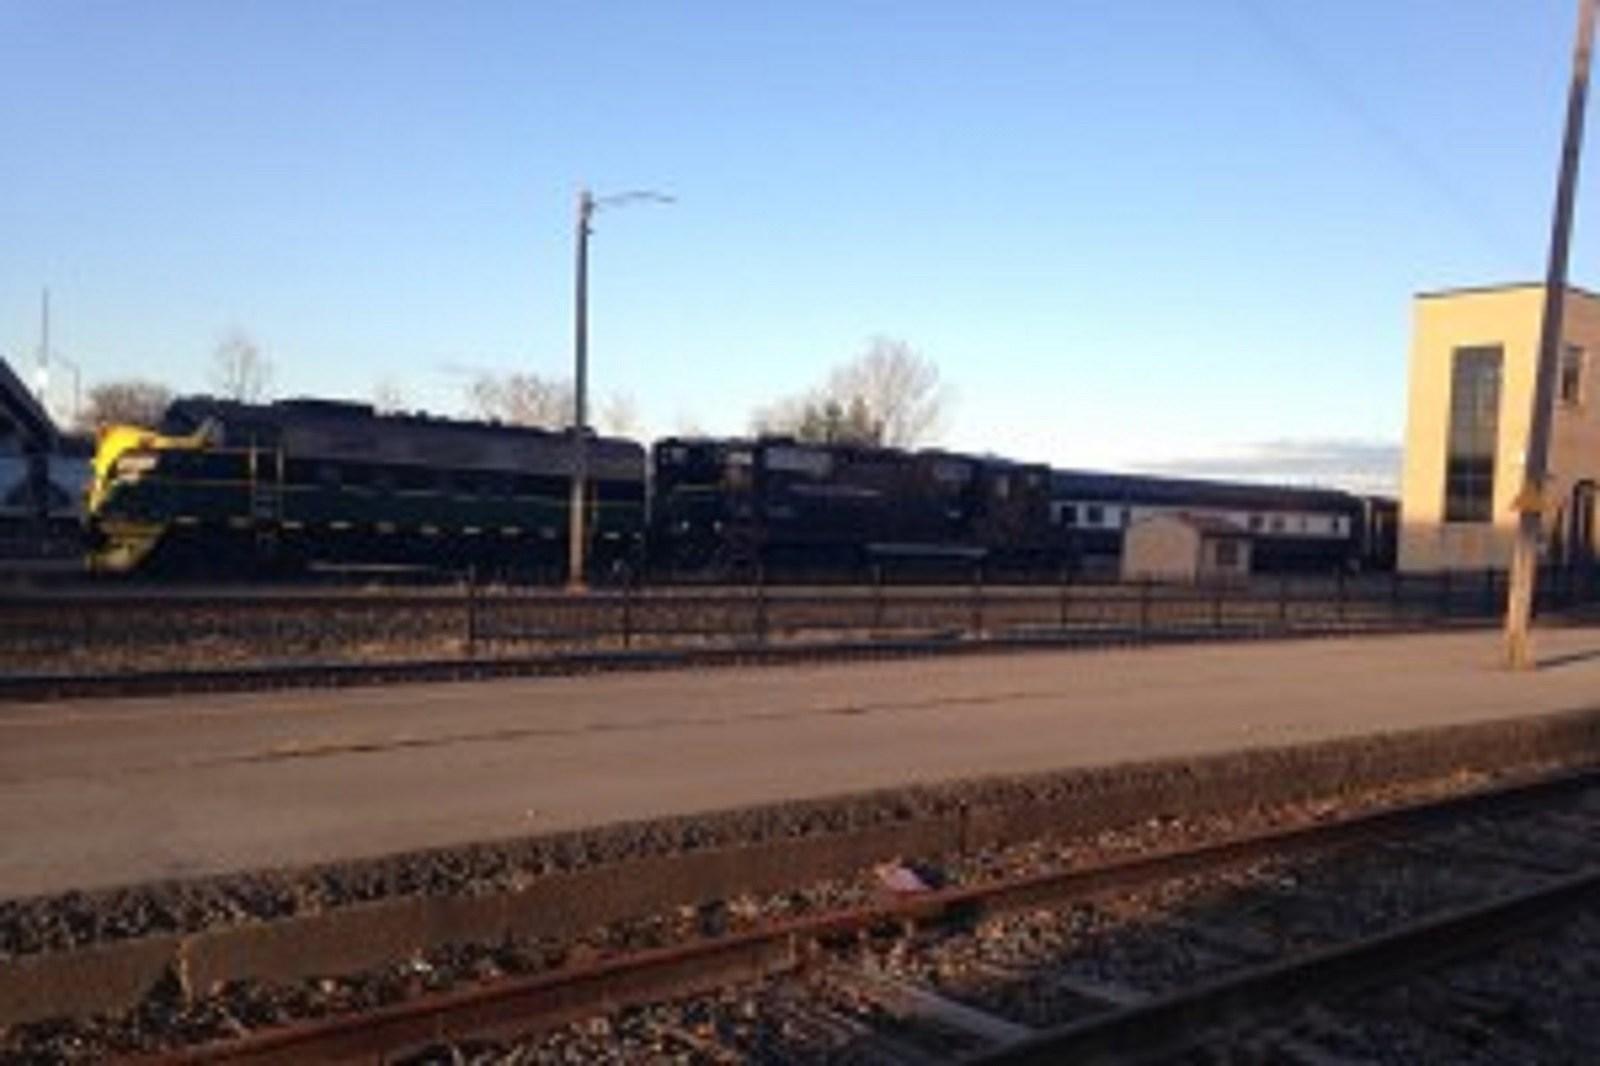 Adirondack Scenic Railroad Train at Union Station